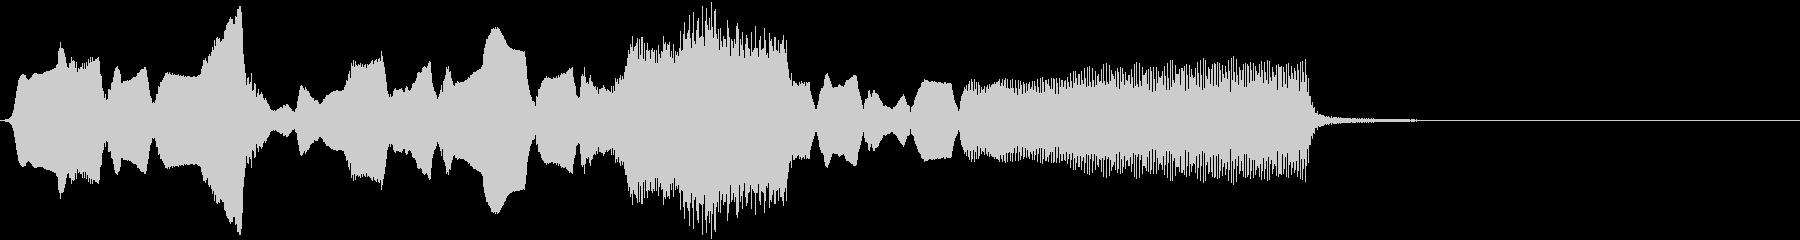 ほのぼのとした雰囲気の音の未再生の波形